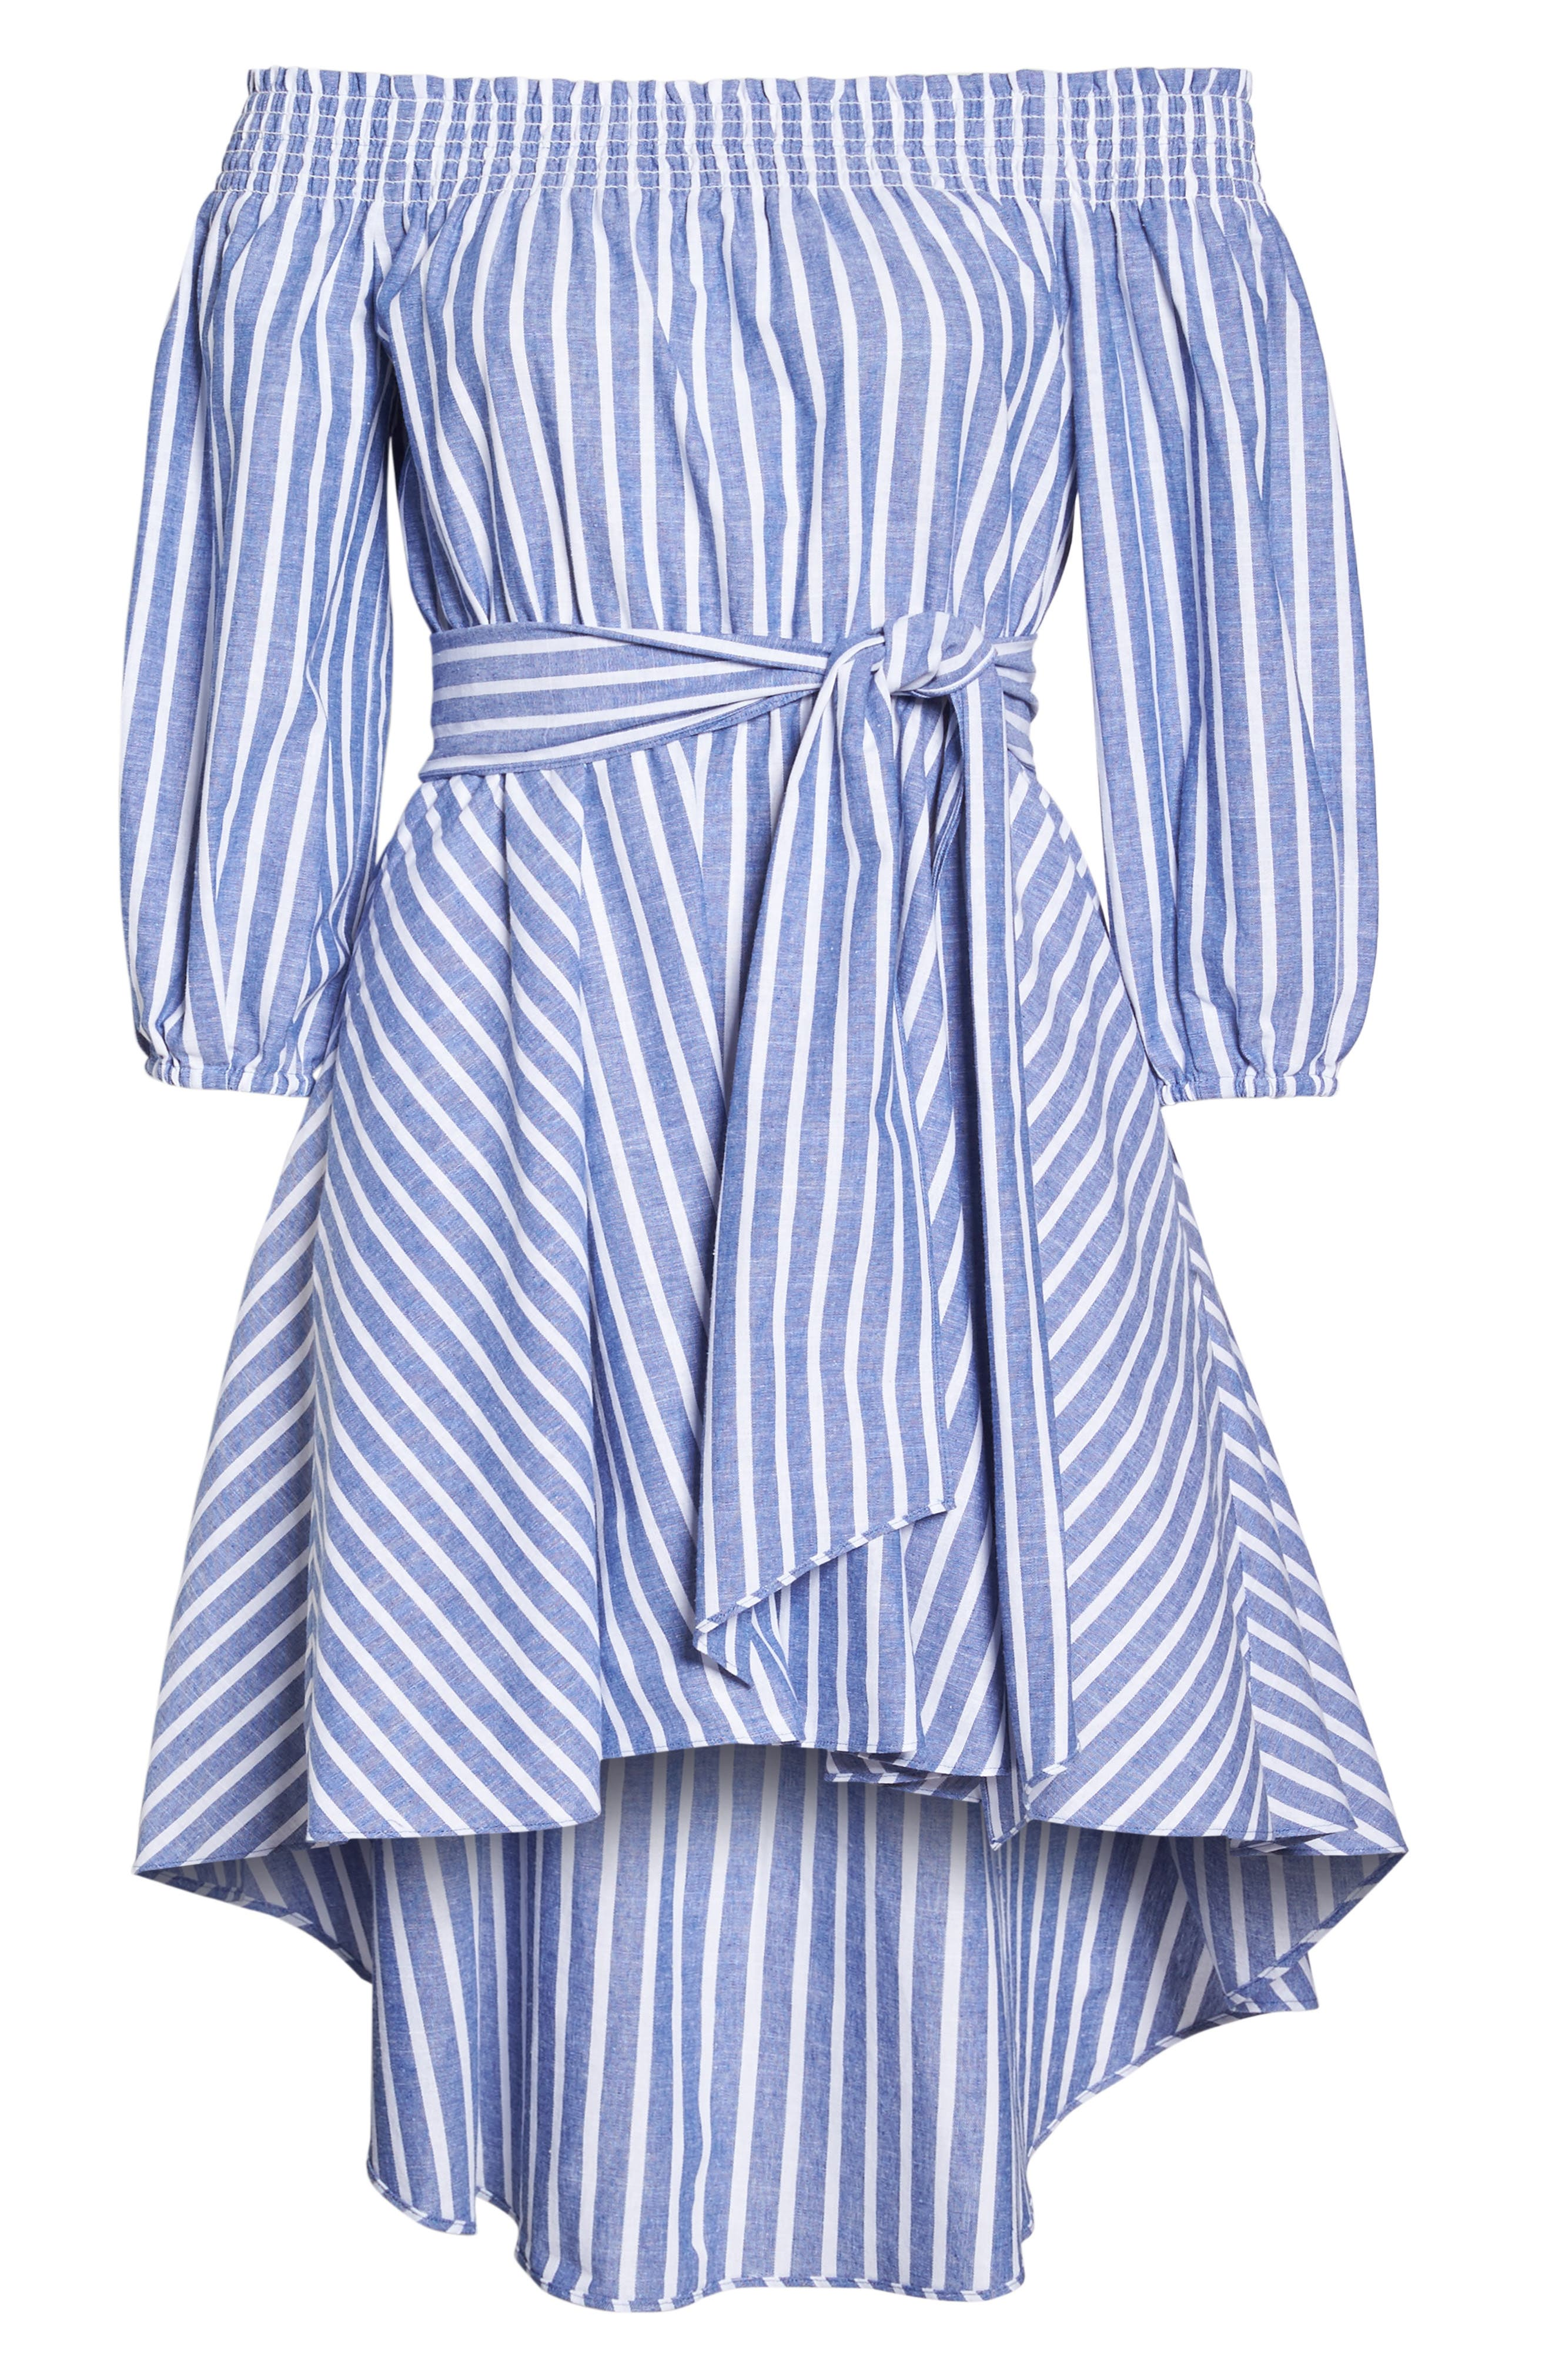 Off the Shoulder Tie Waist Dress,                             Alternate thumbnail 6, color,                             407